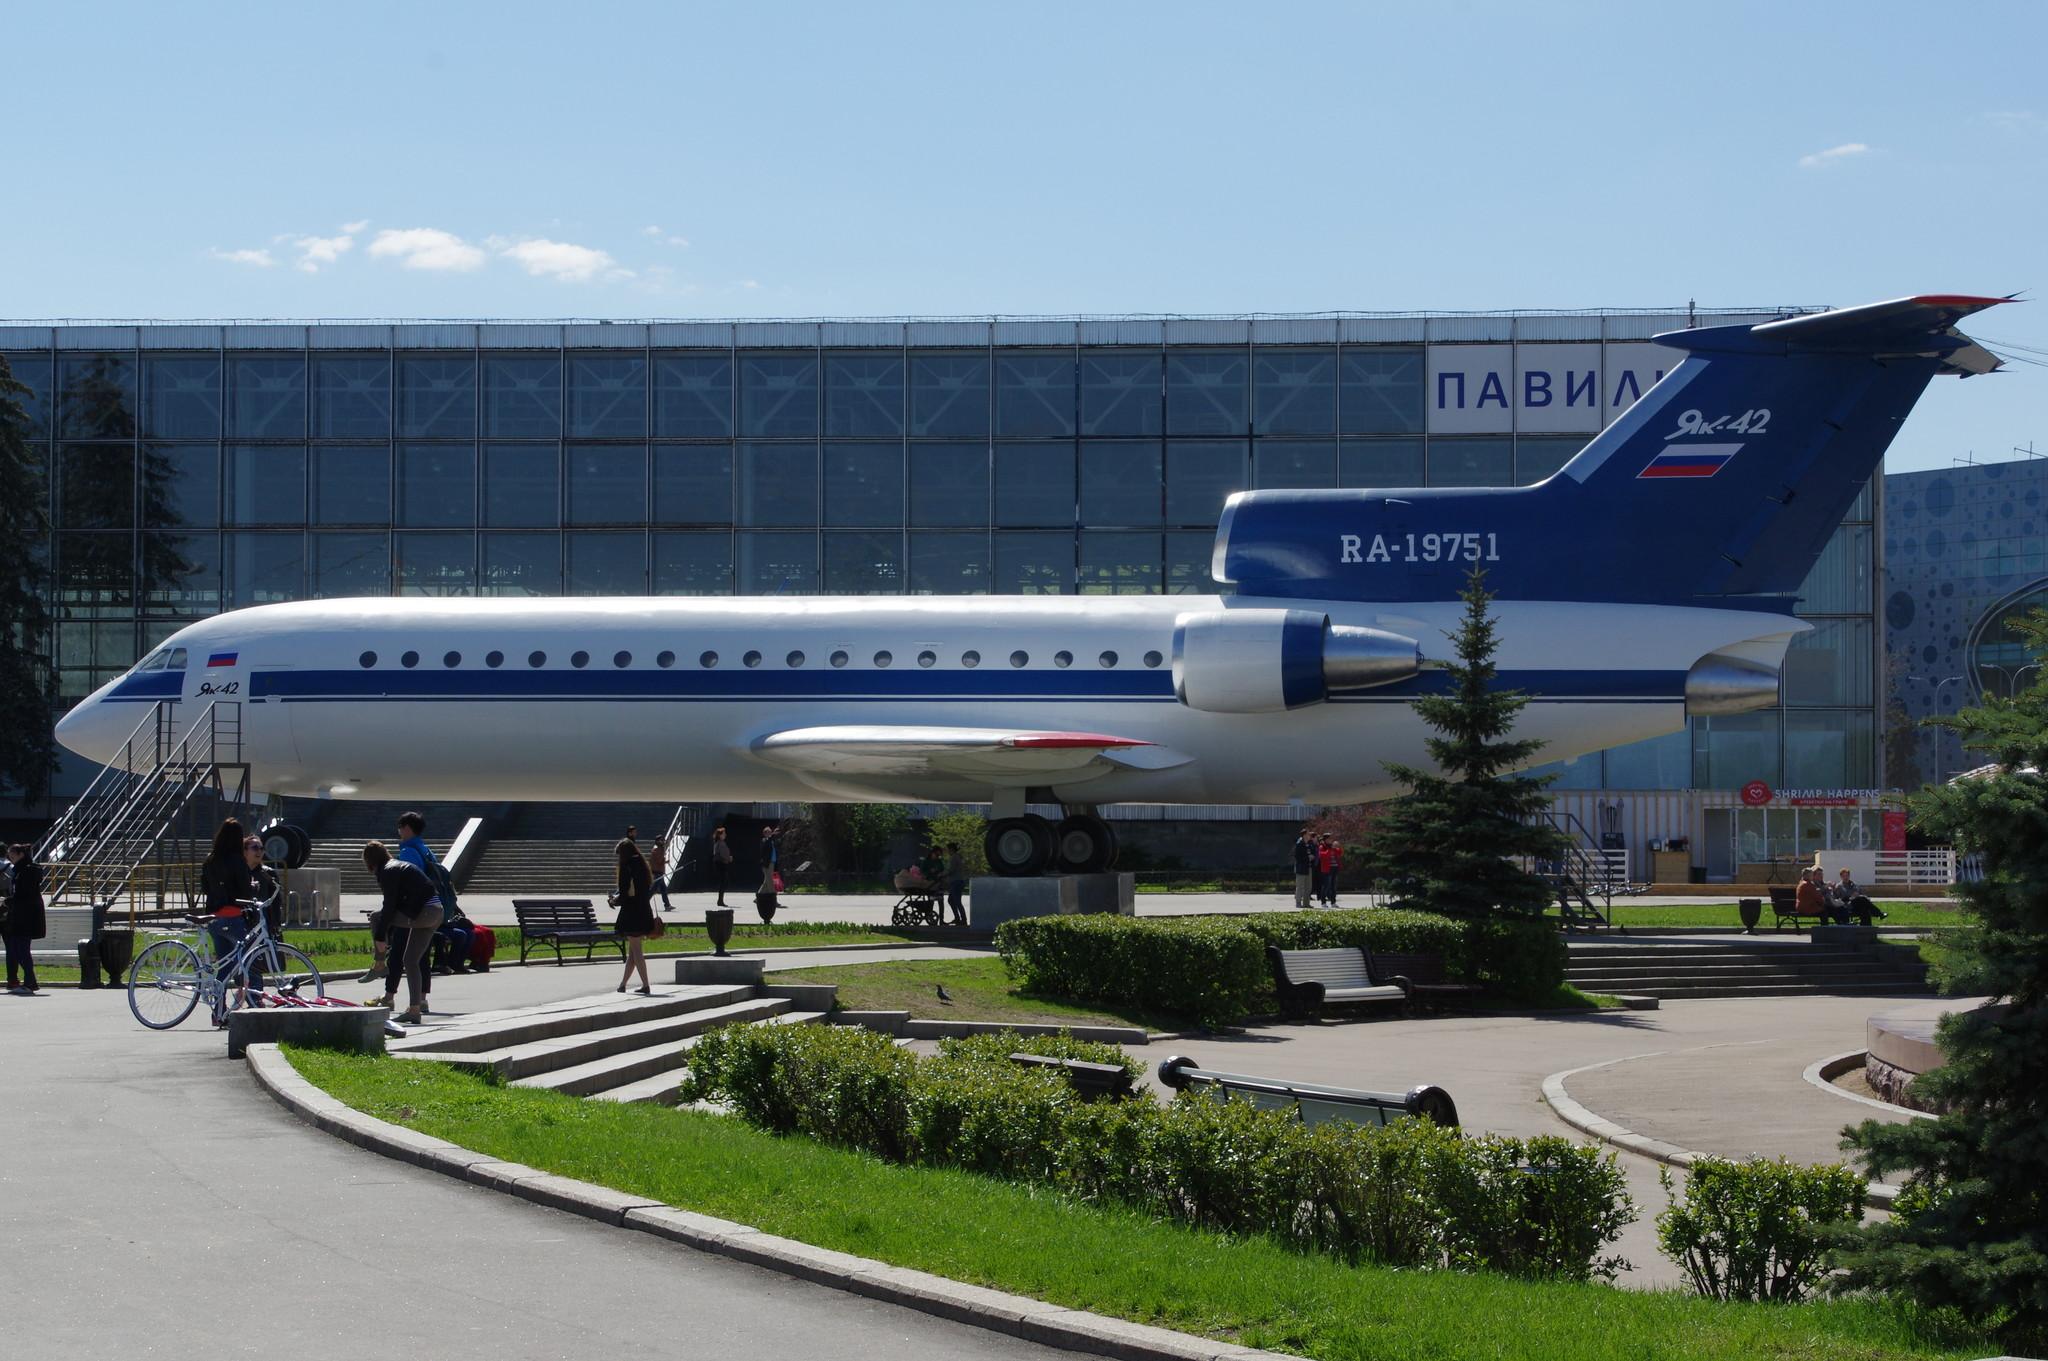 Ближнемагистральный трёхдвигательный пассажирский самолёт Як-42 на ВДНХ